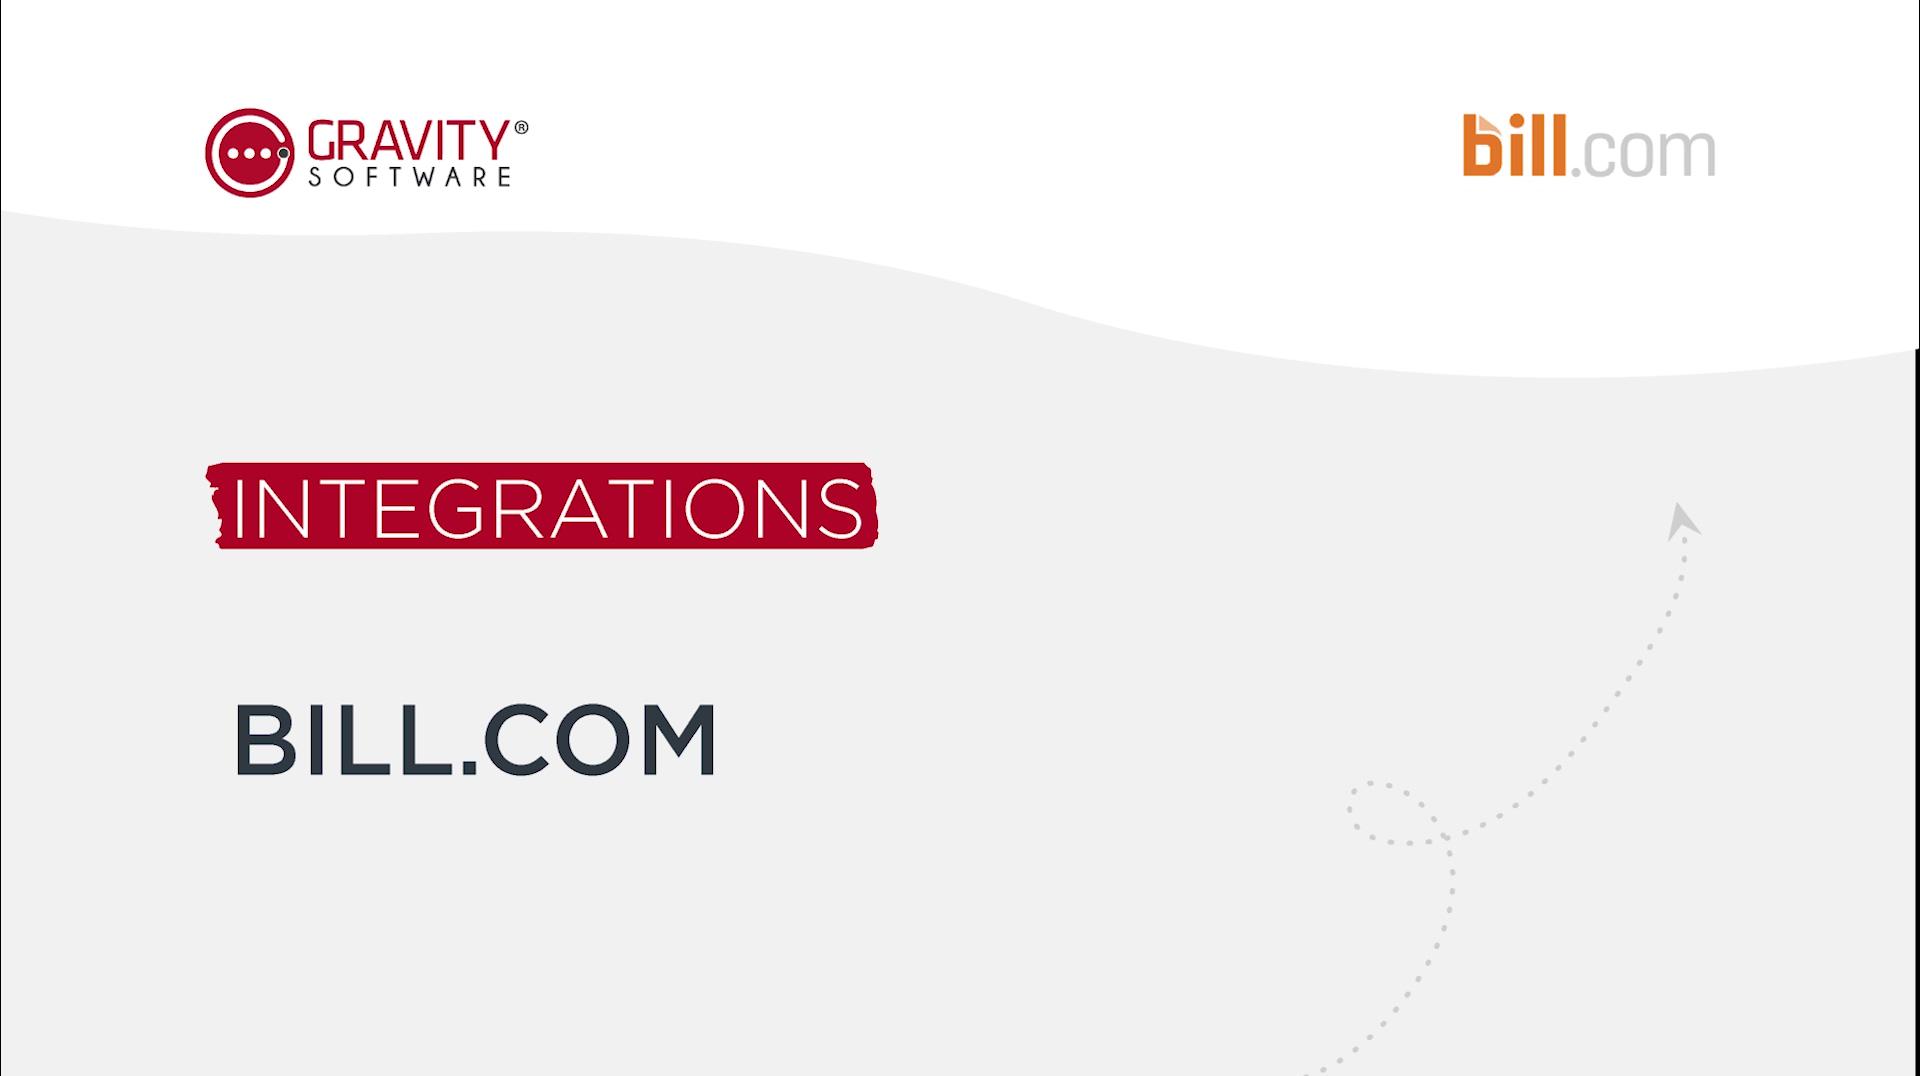 Gravity Software Bill.com Integration